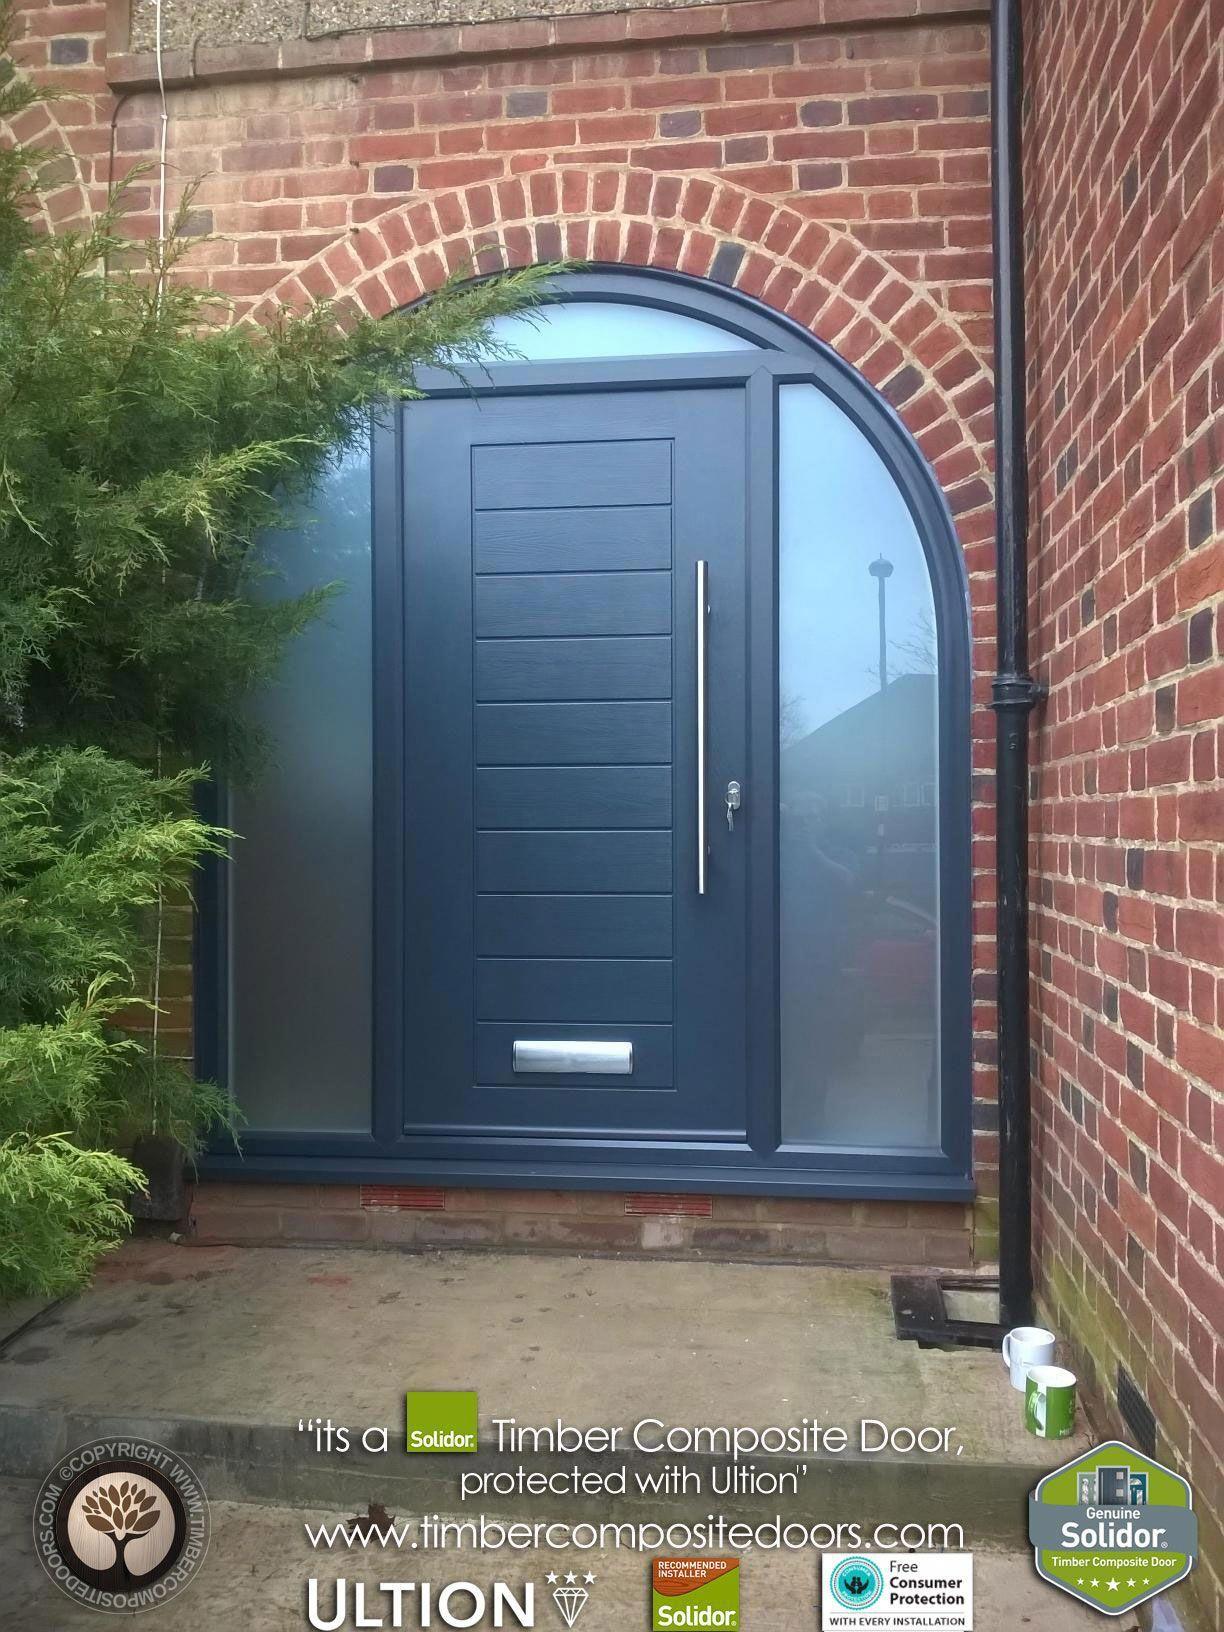 Solidor Timber Composite Doors With Ultion Locks Solidor Timber Composite Doors 12 Months Interest Free Composite Door Contemporary Front Doors Exterior Doors